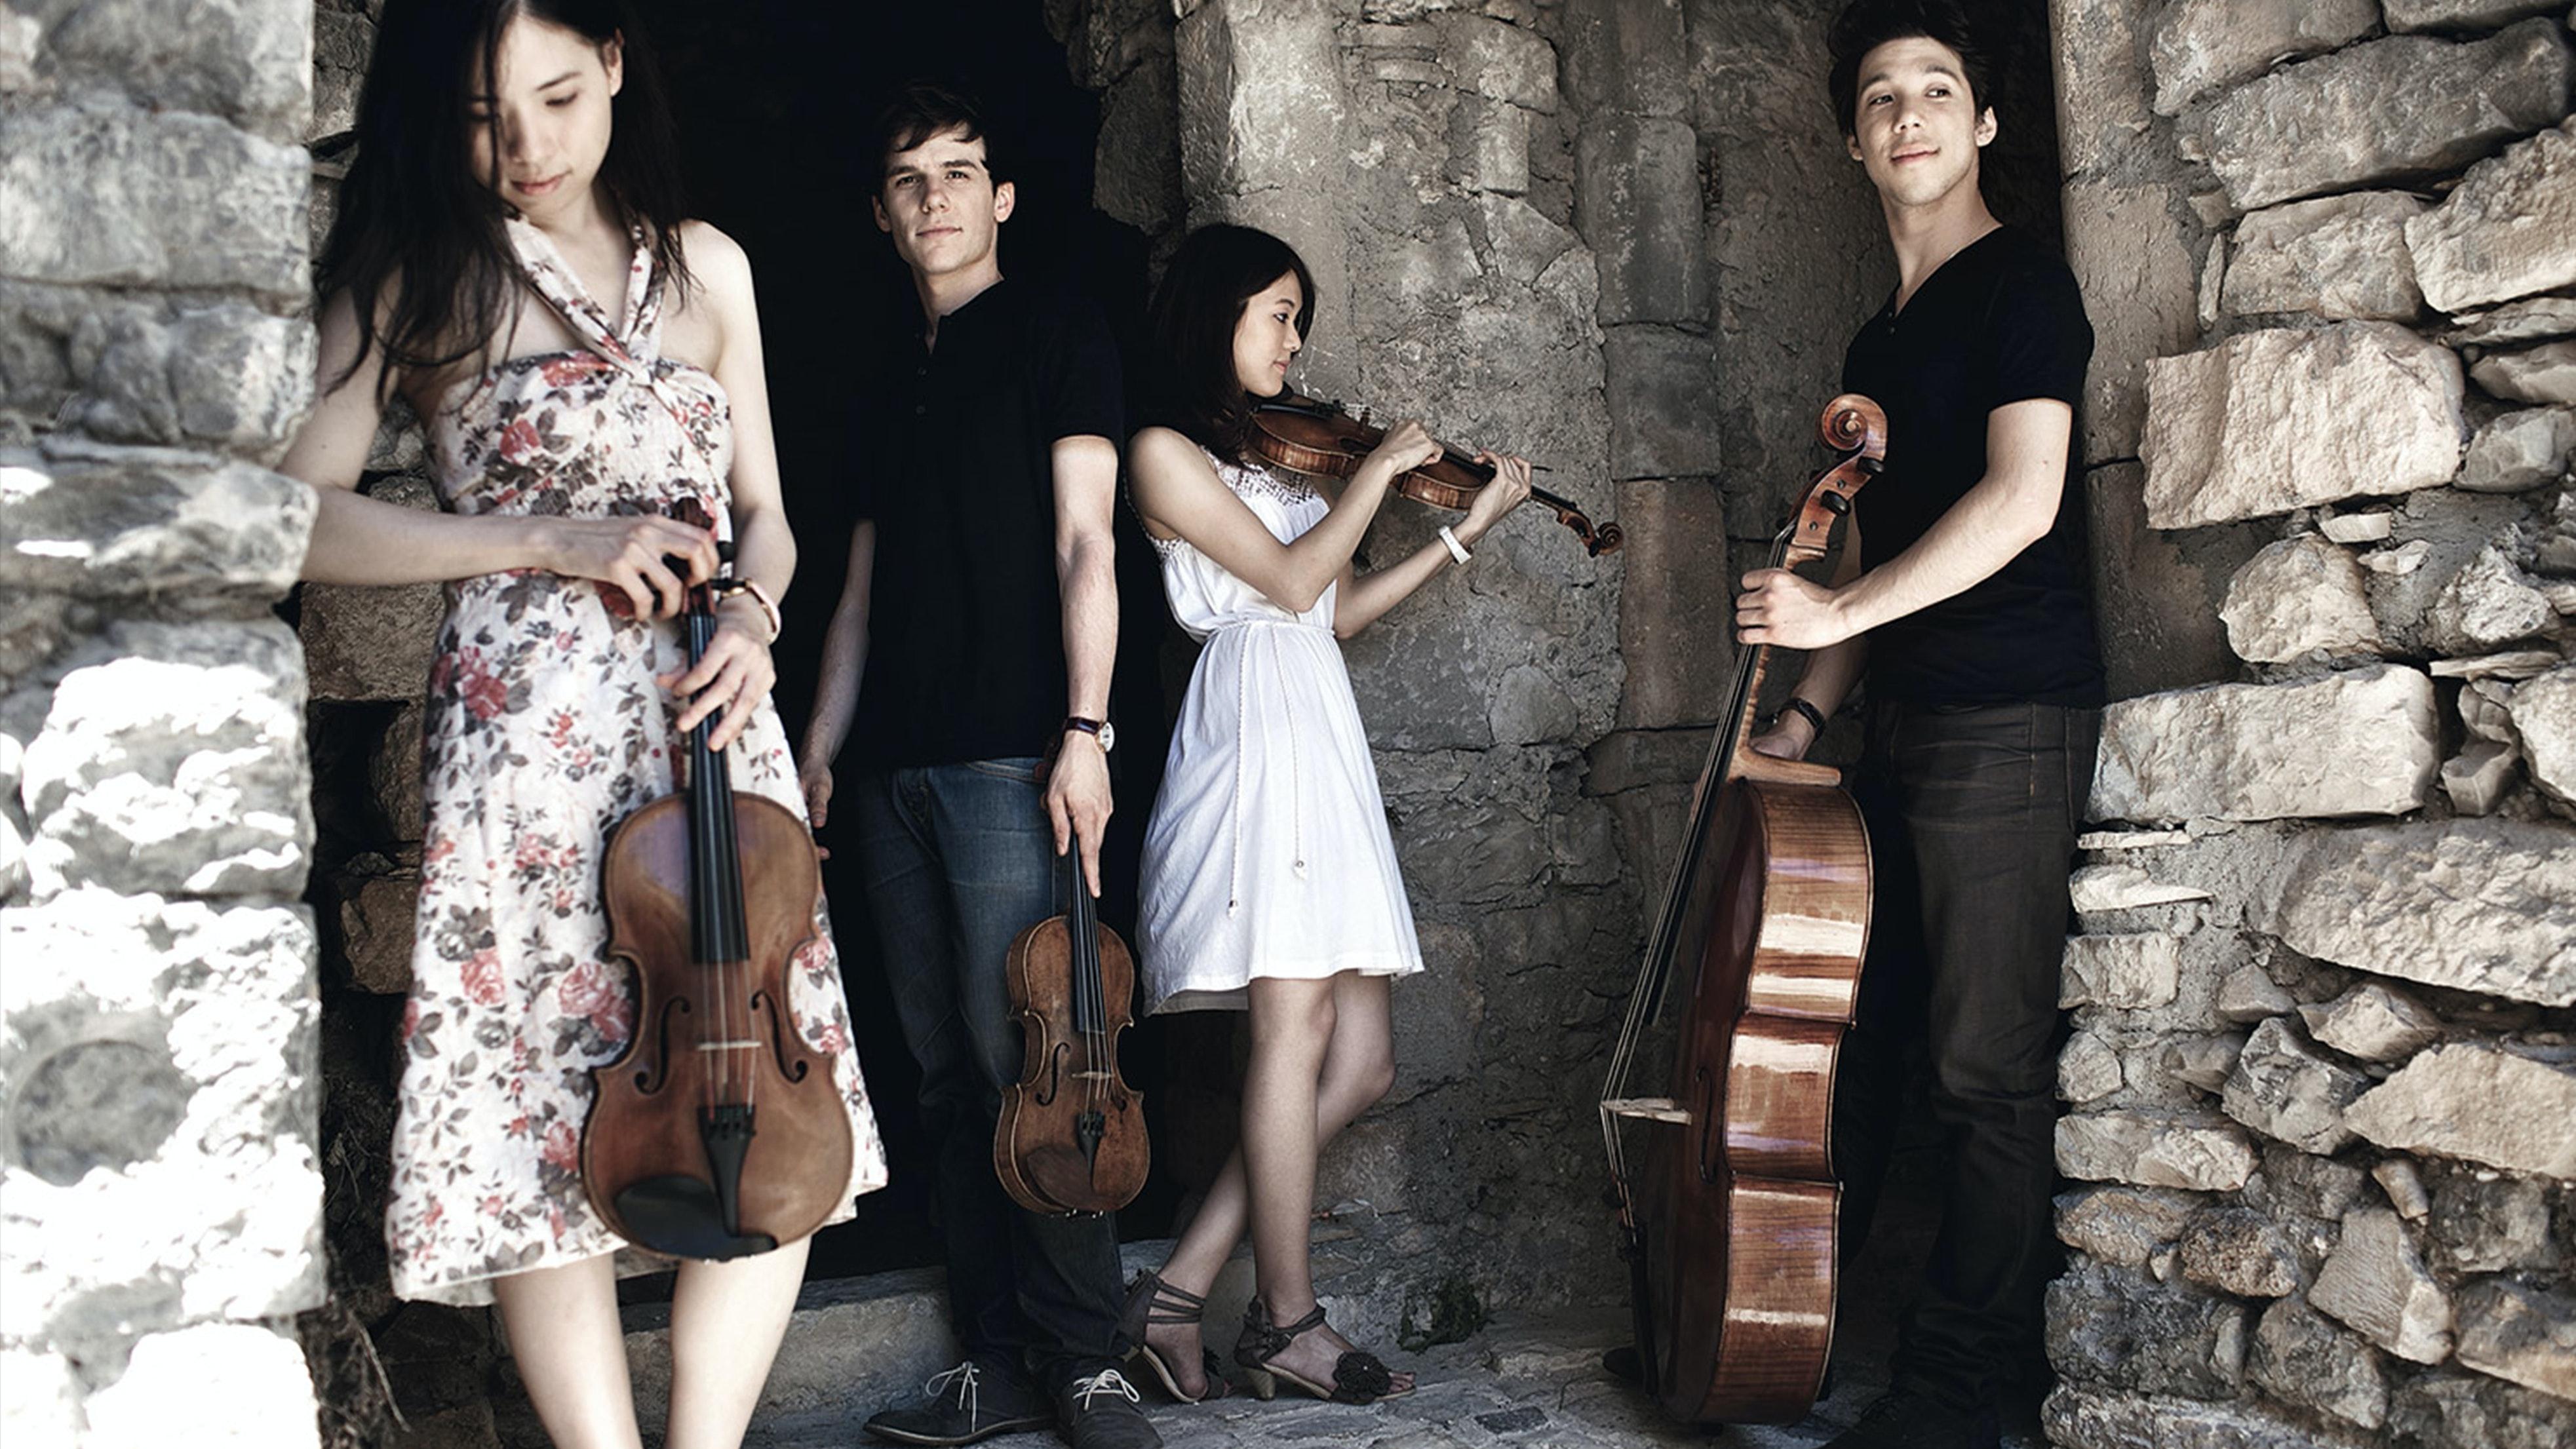 The Hermès Quartet plays Dutilleux and Schubert